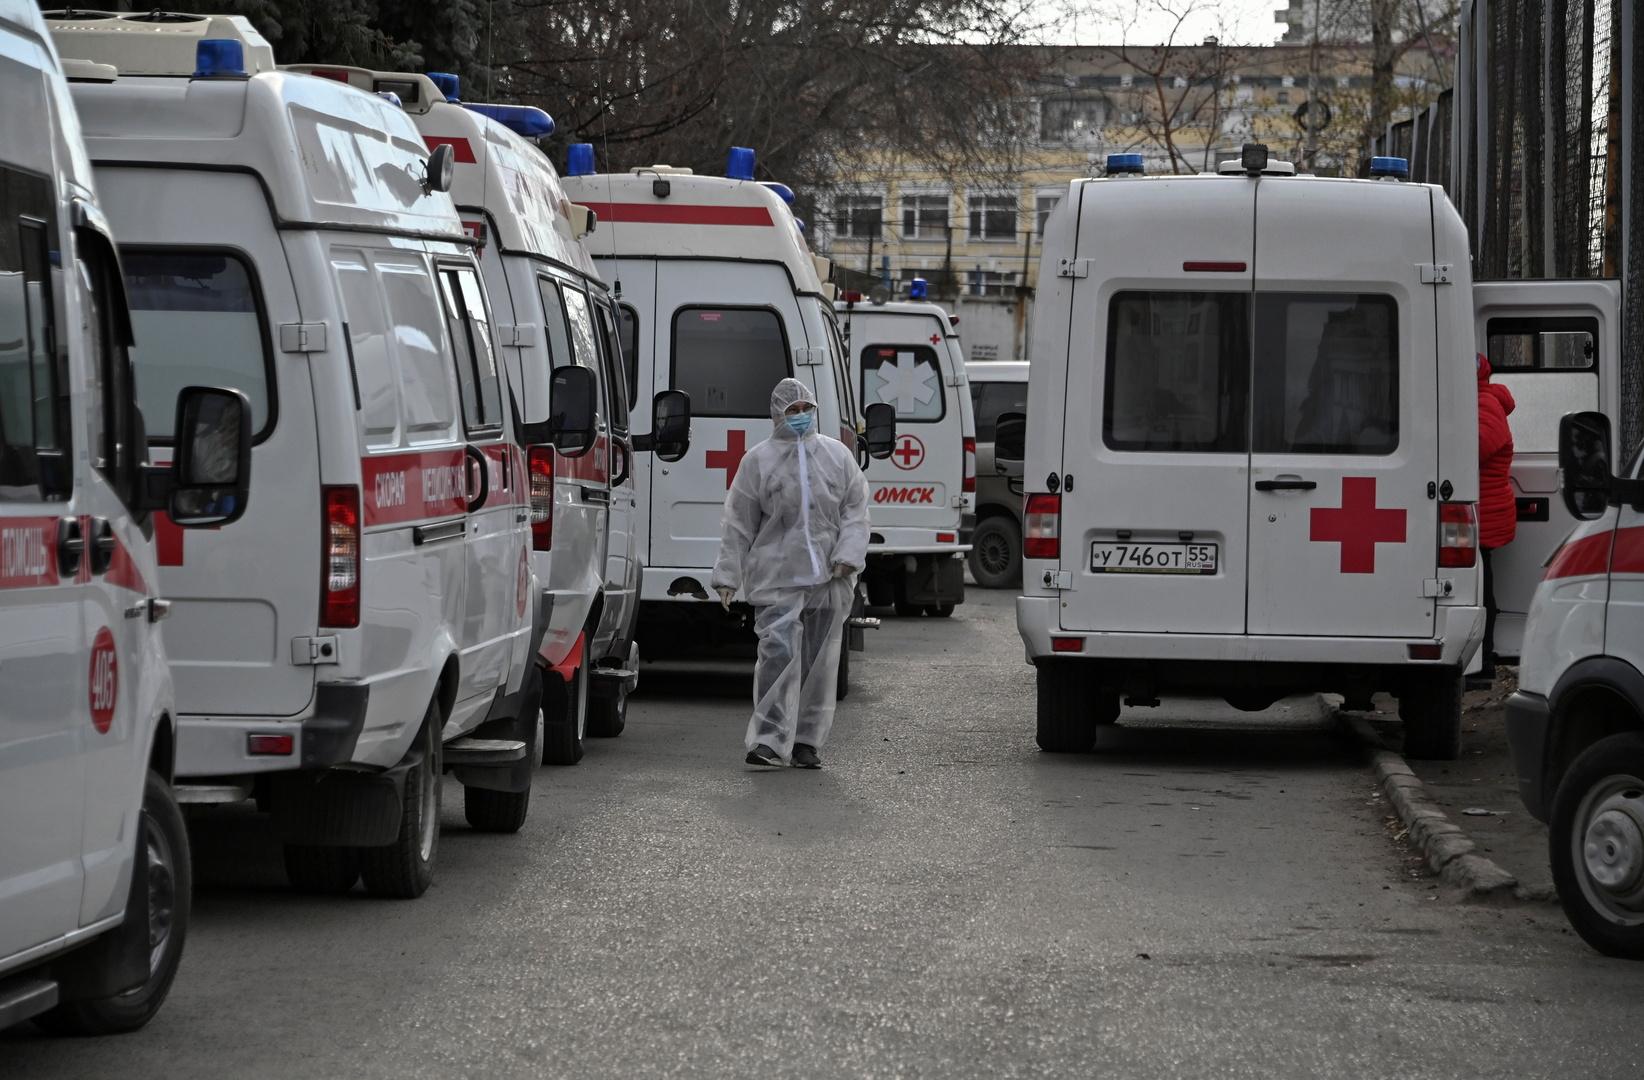 روسيا تسجل لأول مرة أكثر من 20 ألف إصابة بكورونا خلال 24 ساعة